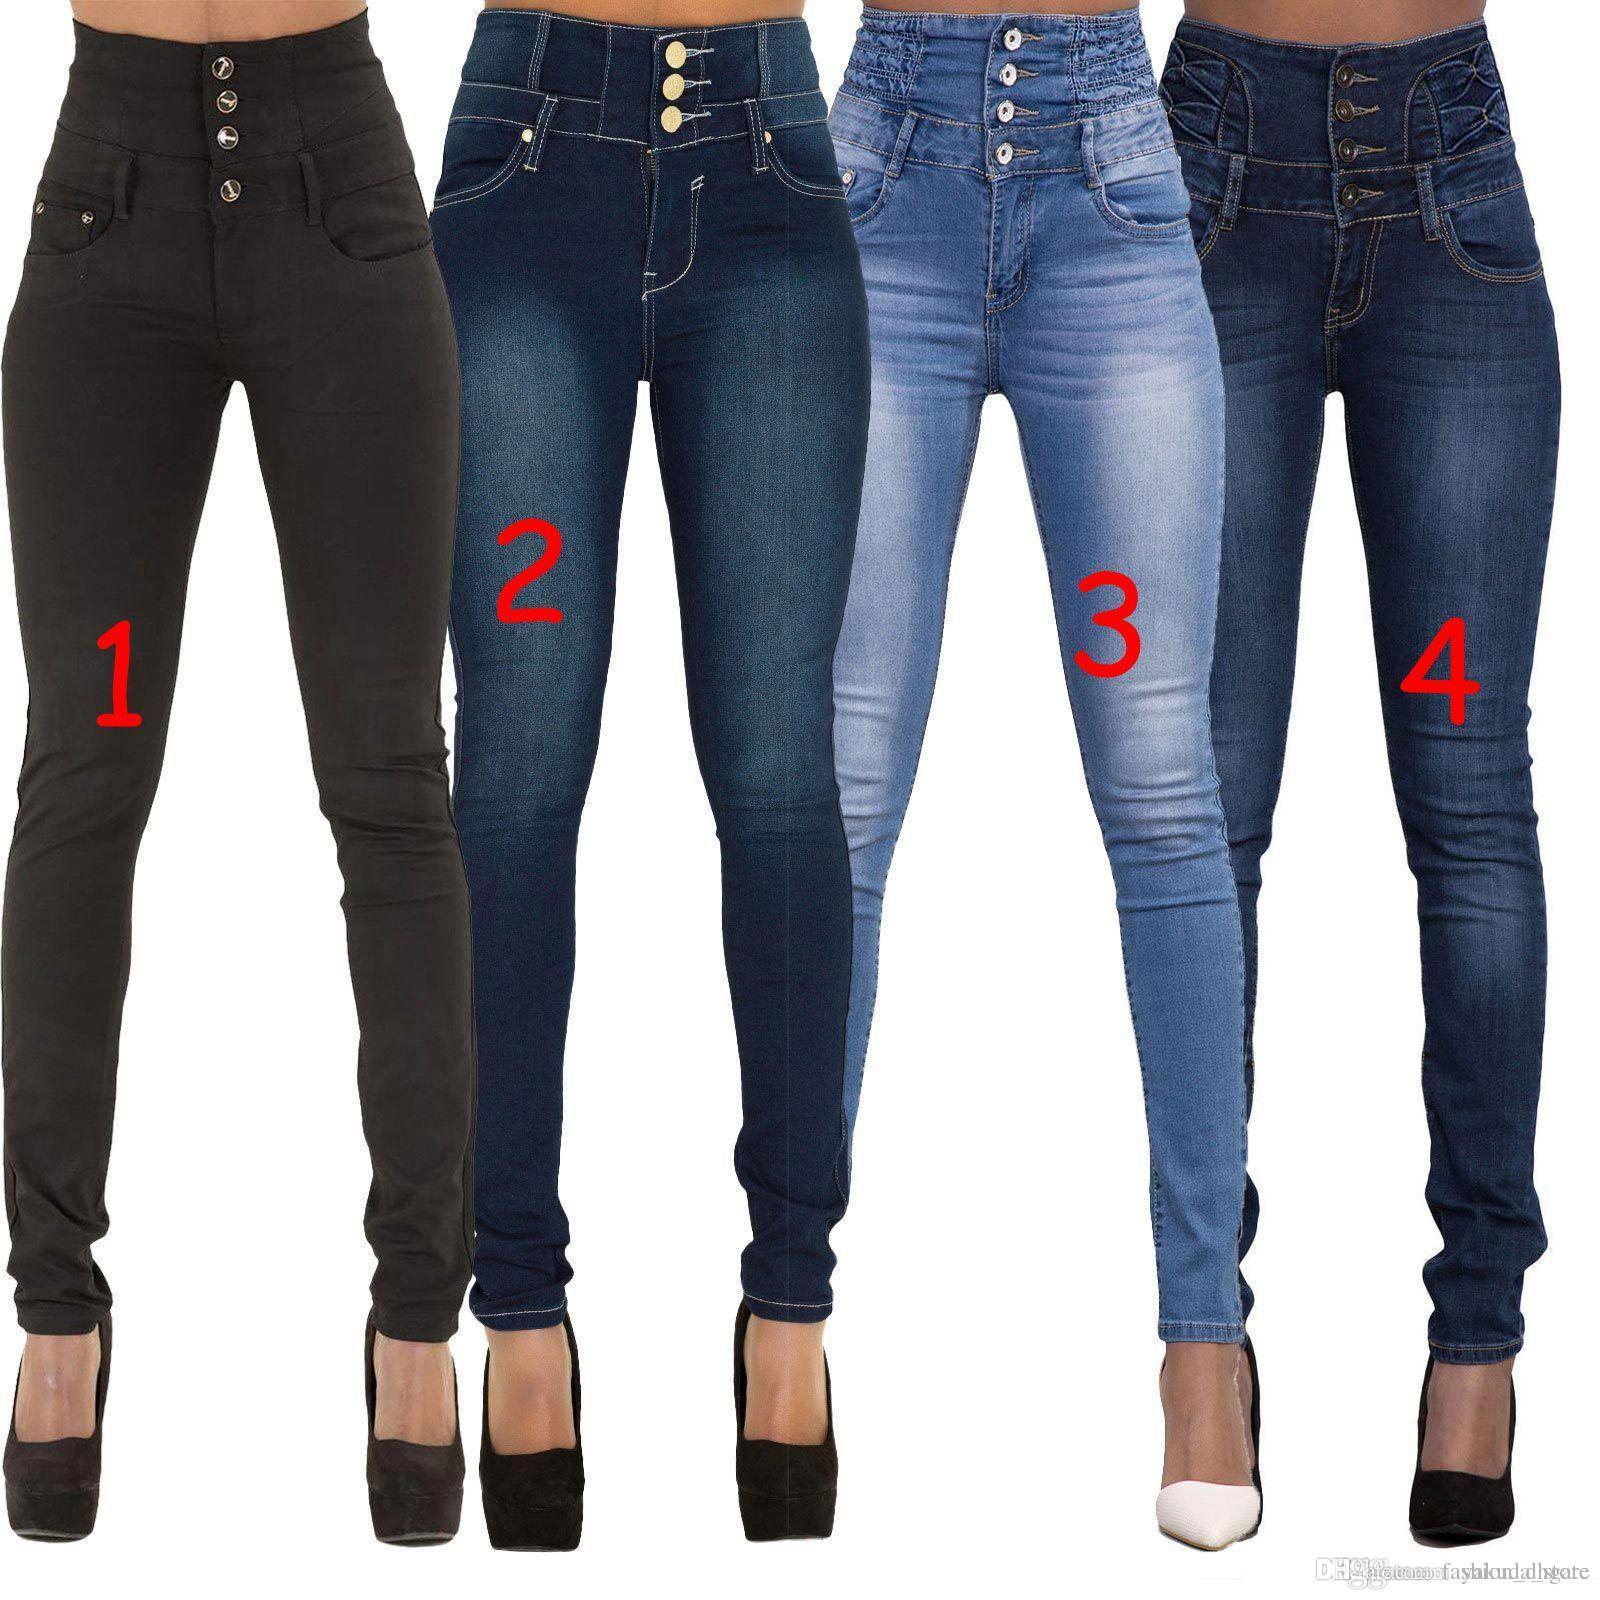 b00377b4c468c Acheter 2018 Nouvelle Arrivée Pas Cher Remise Femme Denim Crayon Pantalon  Top Marque Stretch Jeans Taille Haute Pantalon Femmes Pantalon Jeans Plus  La ...